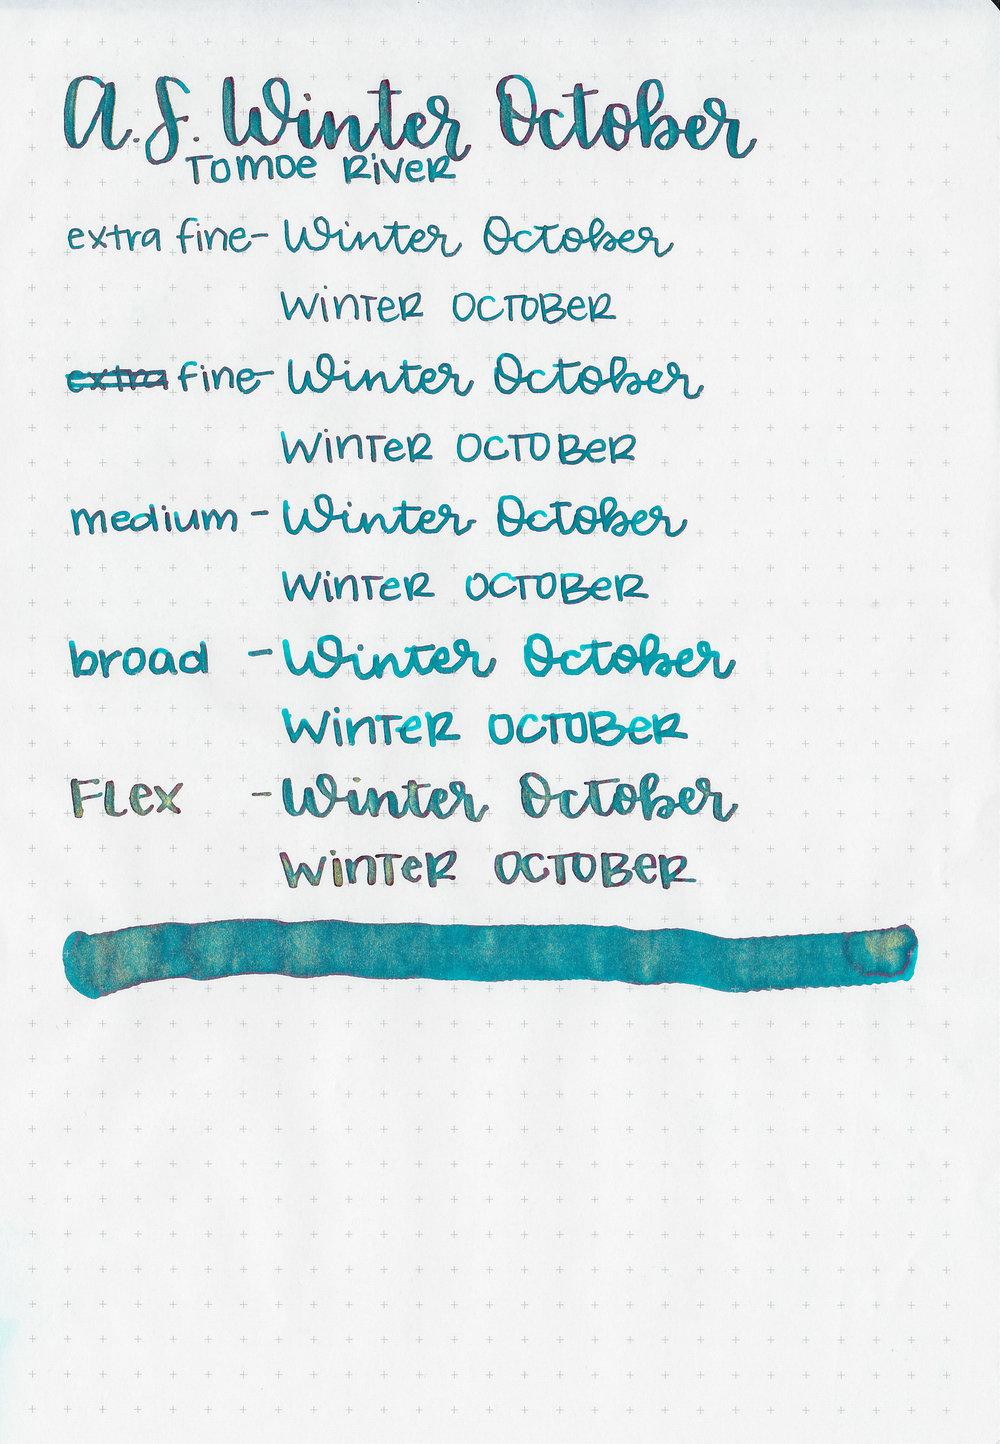 as-winter-october-8.jpg